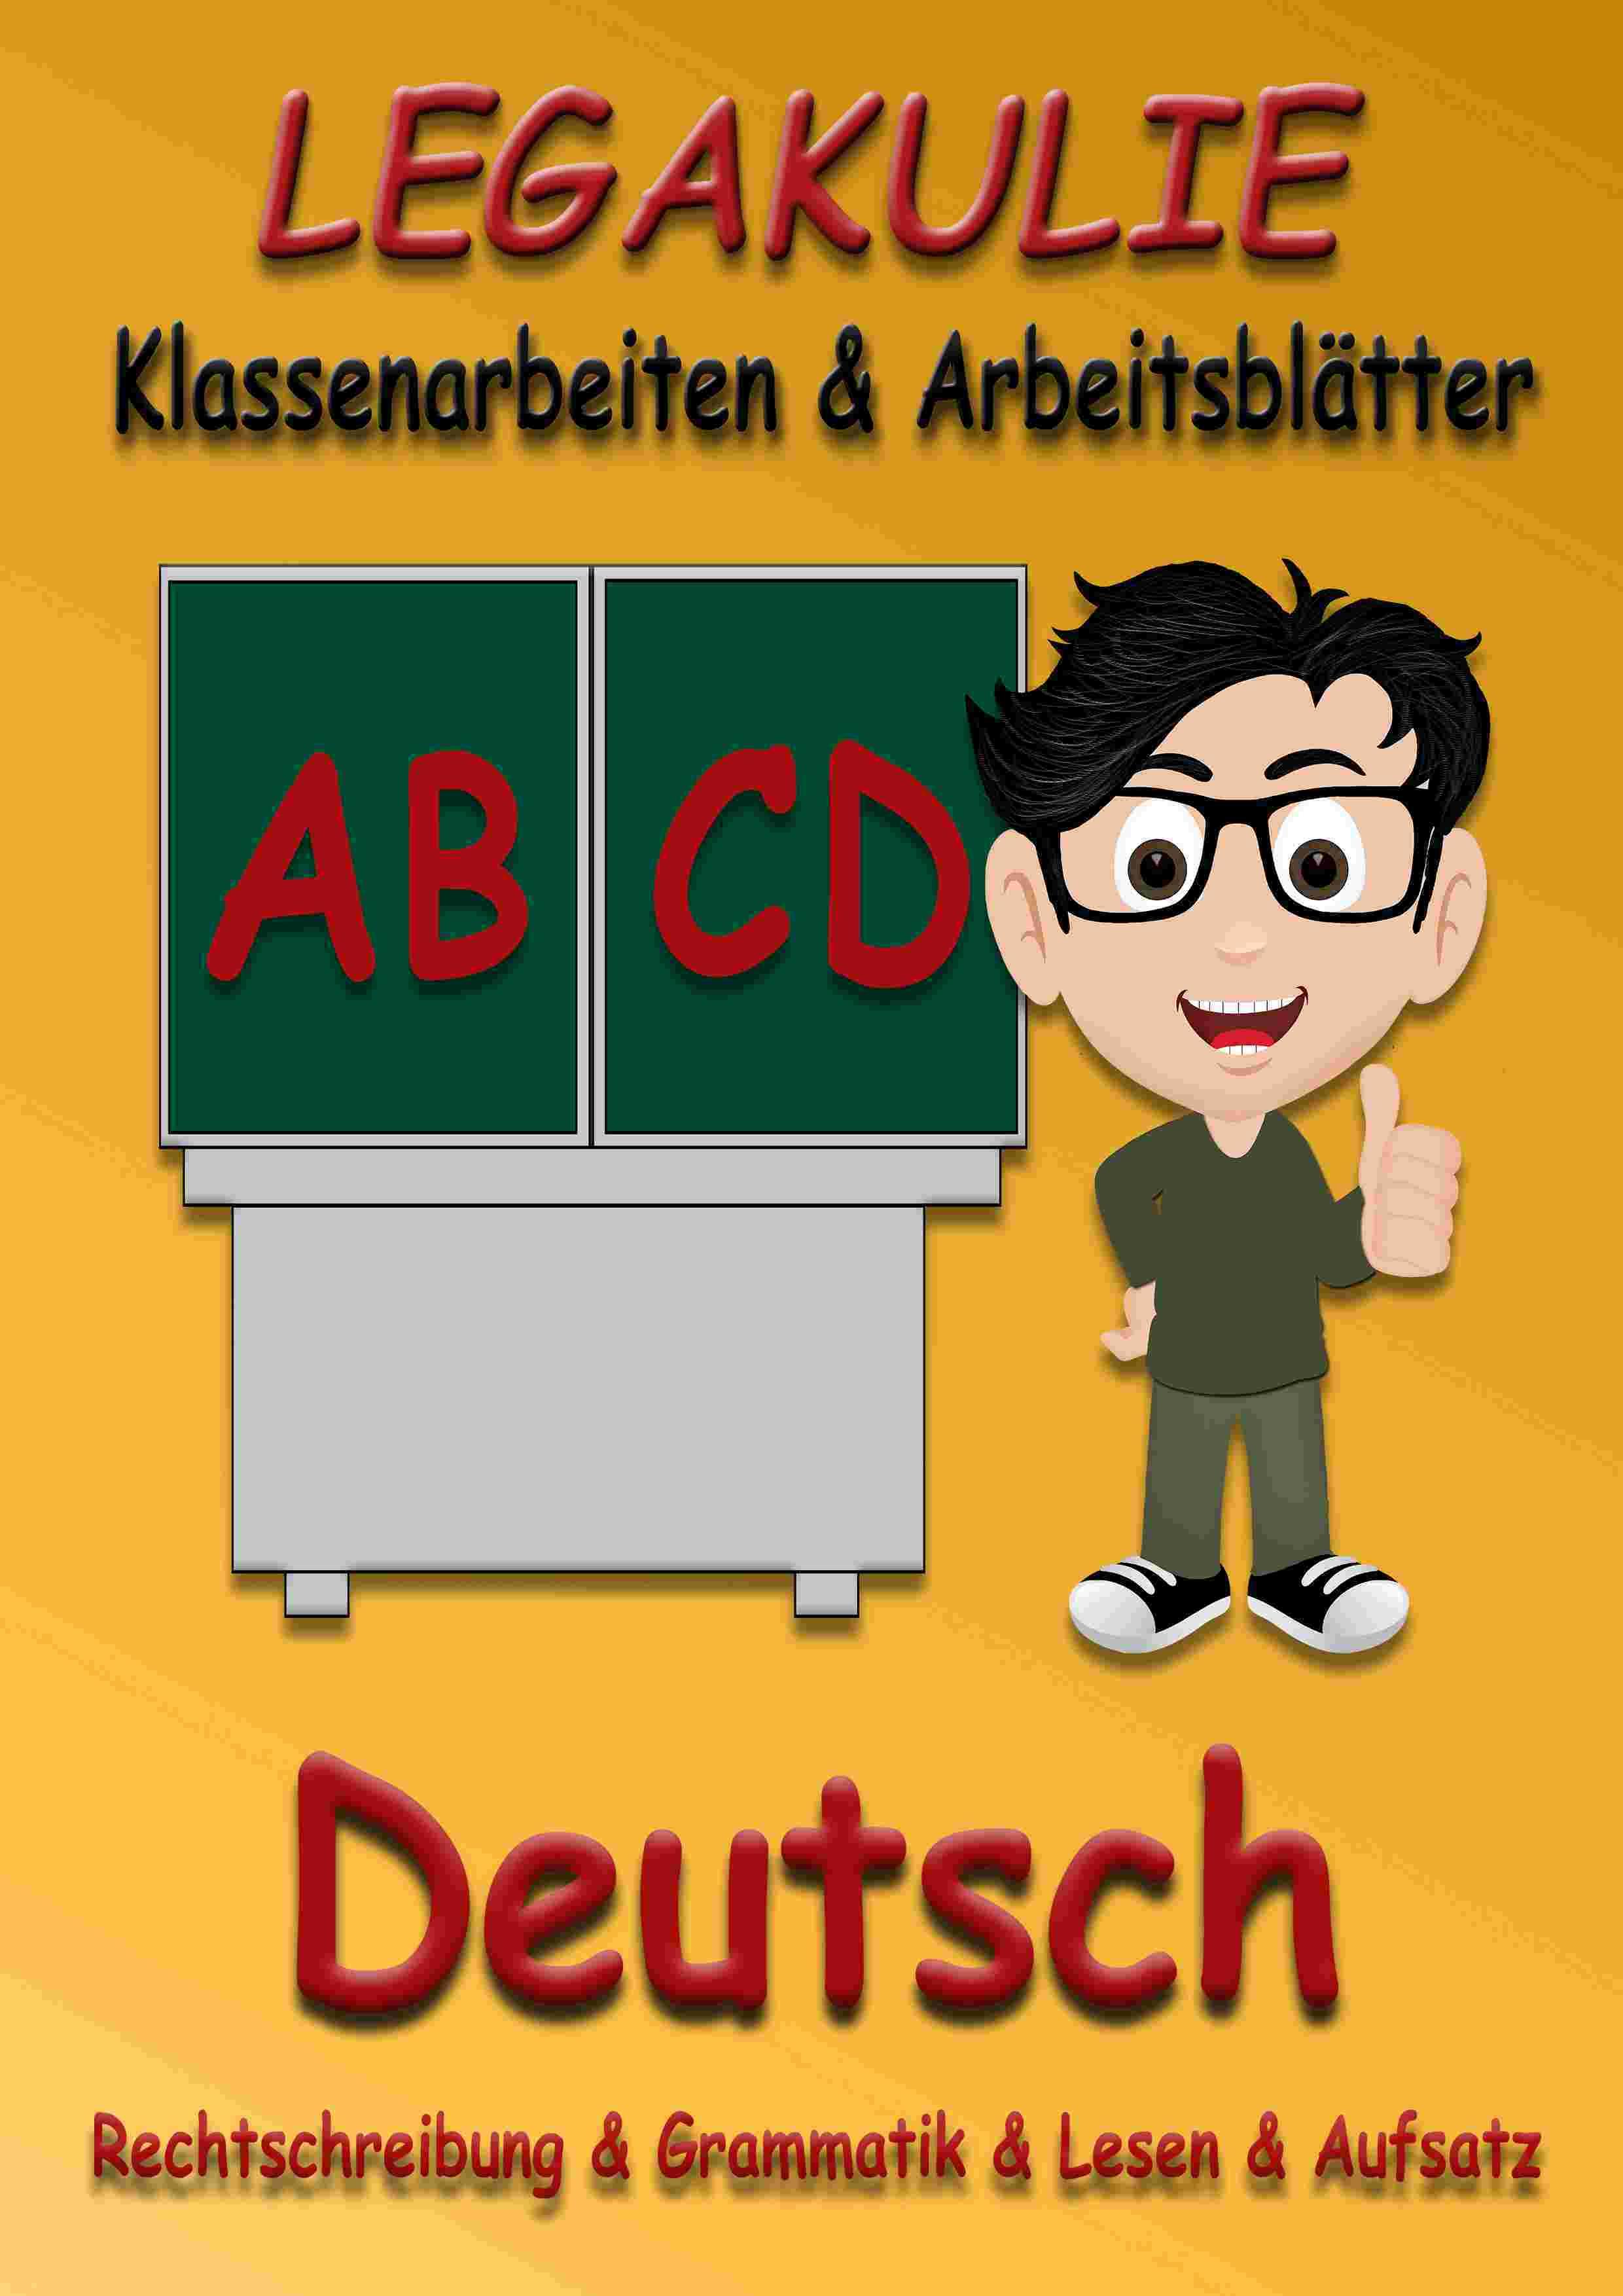 Arbeitsblätter Deutsch Jugendsprache : Arbeitsblätter Übungen mathe deutsch englisch sachkunde